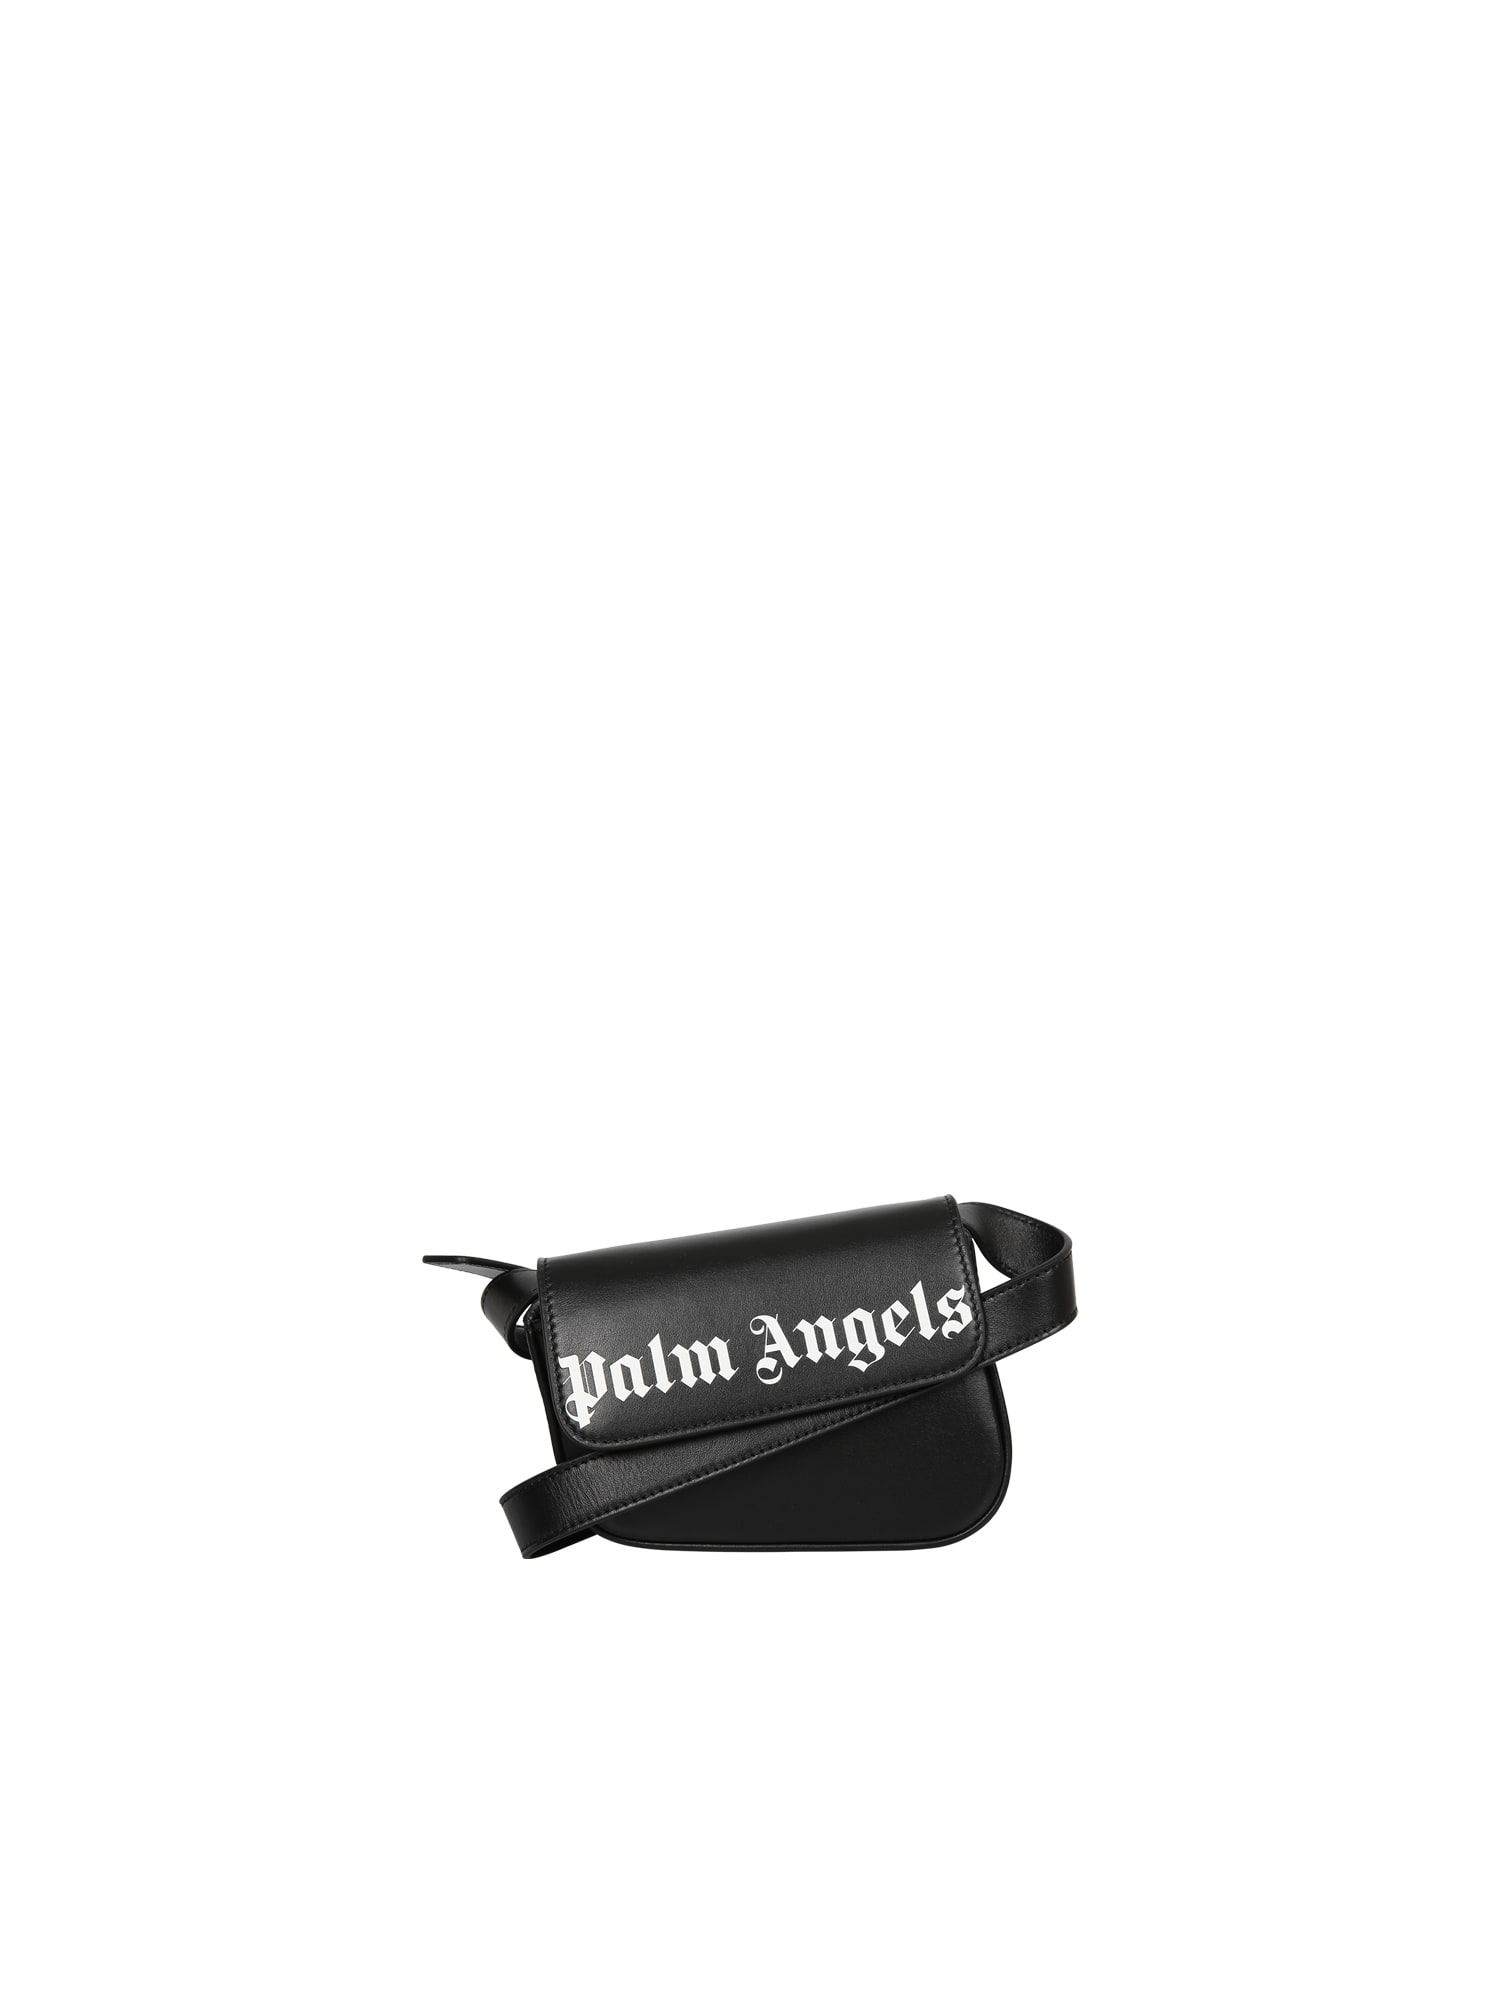 Palm Angels Branded Belt Bag